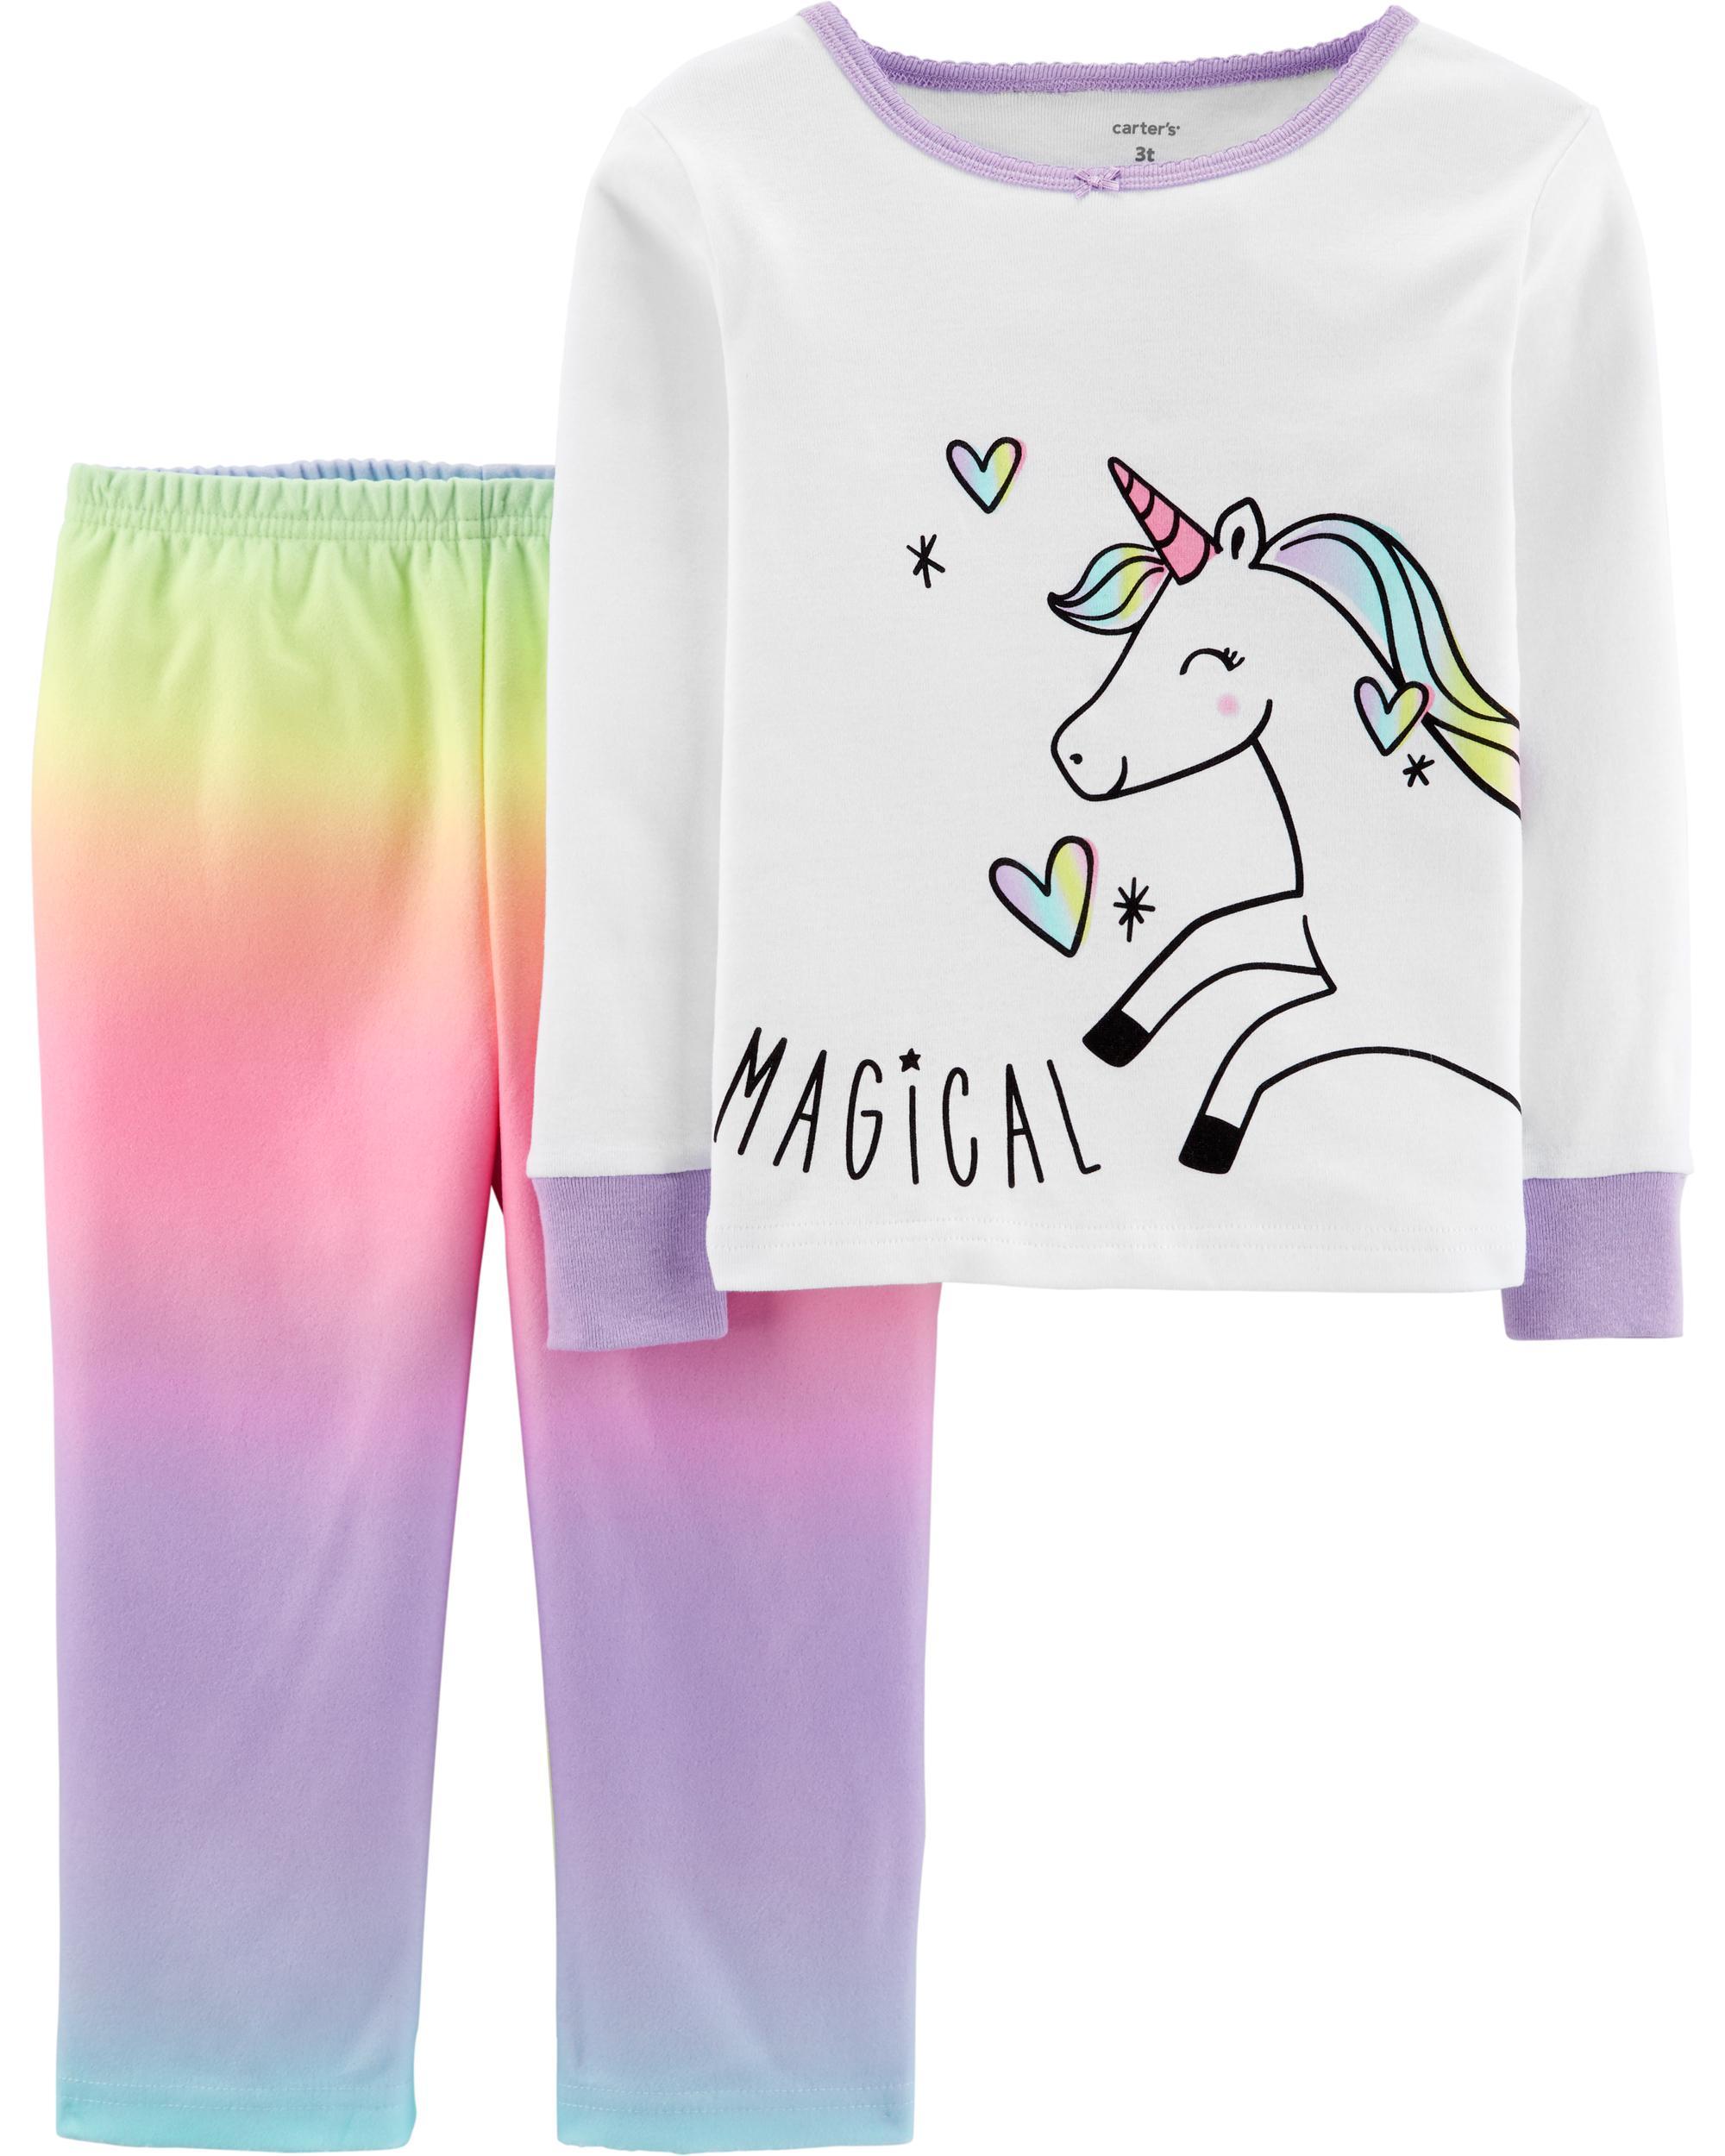 2 Piece Rainbow Unicorn Snug Fit Cotton Amp Fleece Pjs